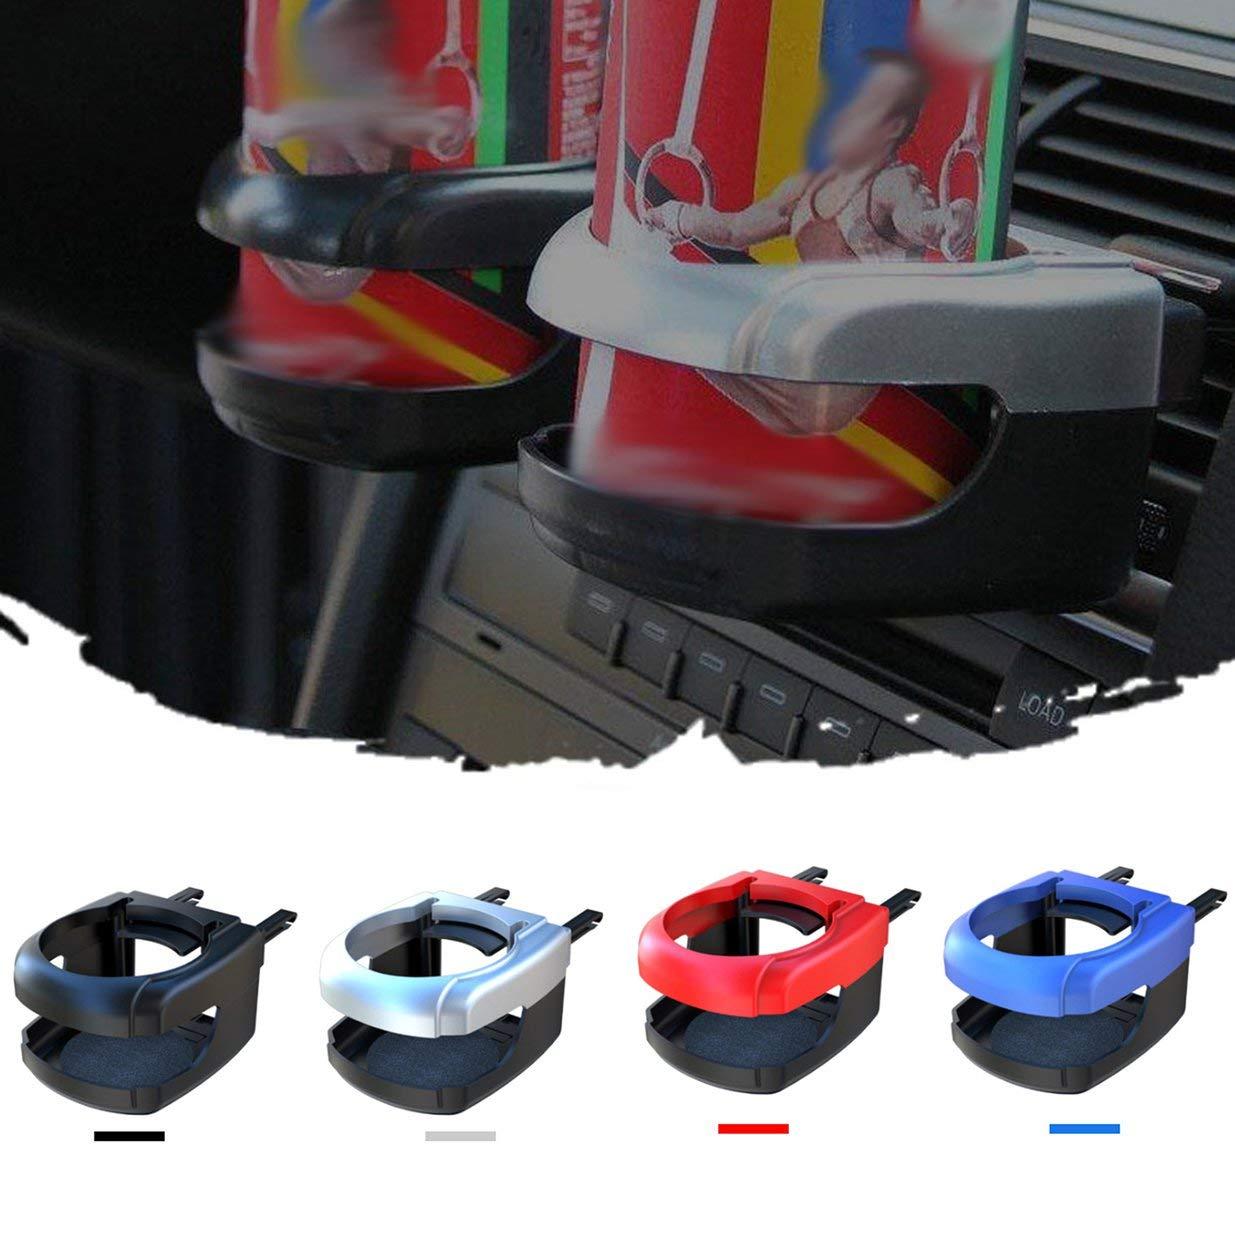 Portavasos para Coche Sairis Organizador de caf/é Aire Acondicionado para Consumo autom/ático Salida de ventilaci/ón Clip-on Auto Veh/ículo Cami/ón Veh/ículo